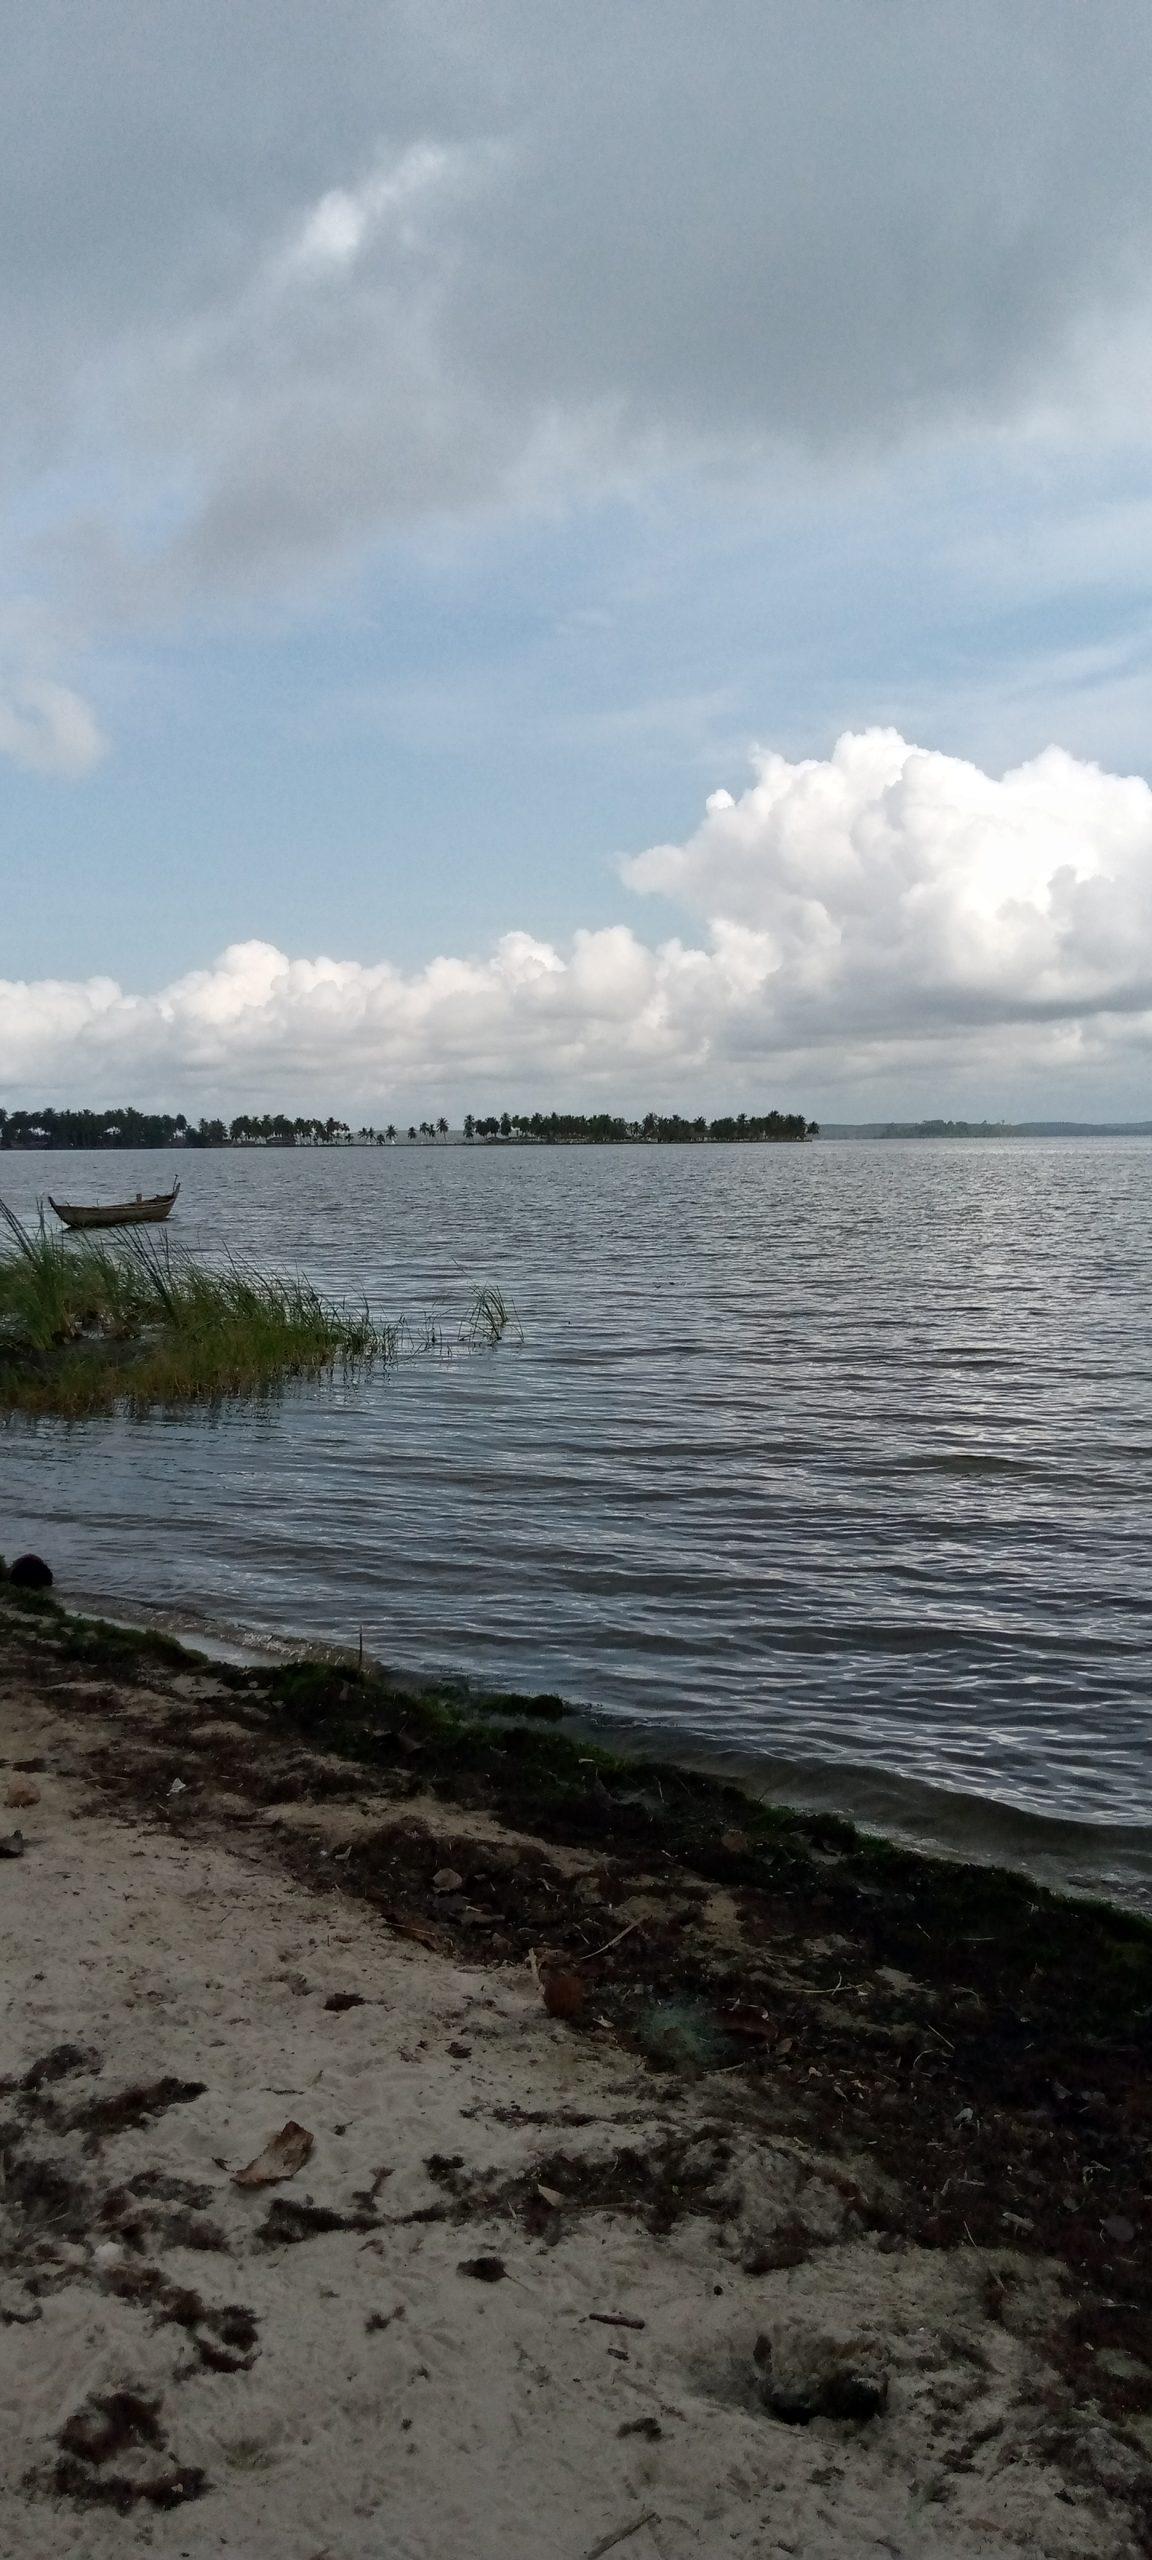 Terrain en bordure de lagune à jacqueville